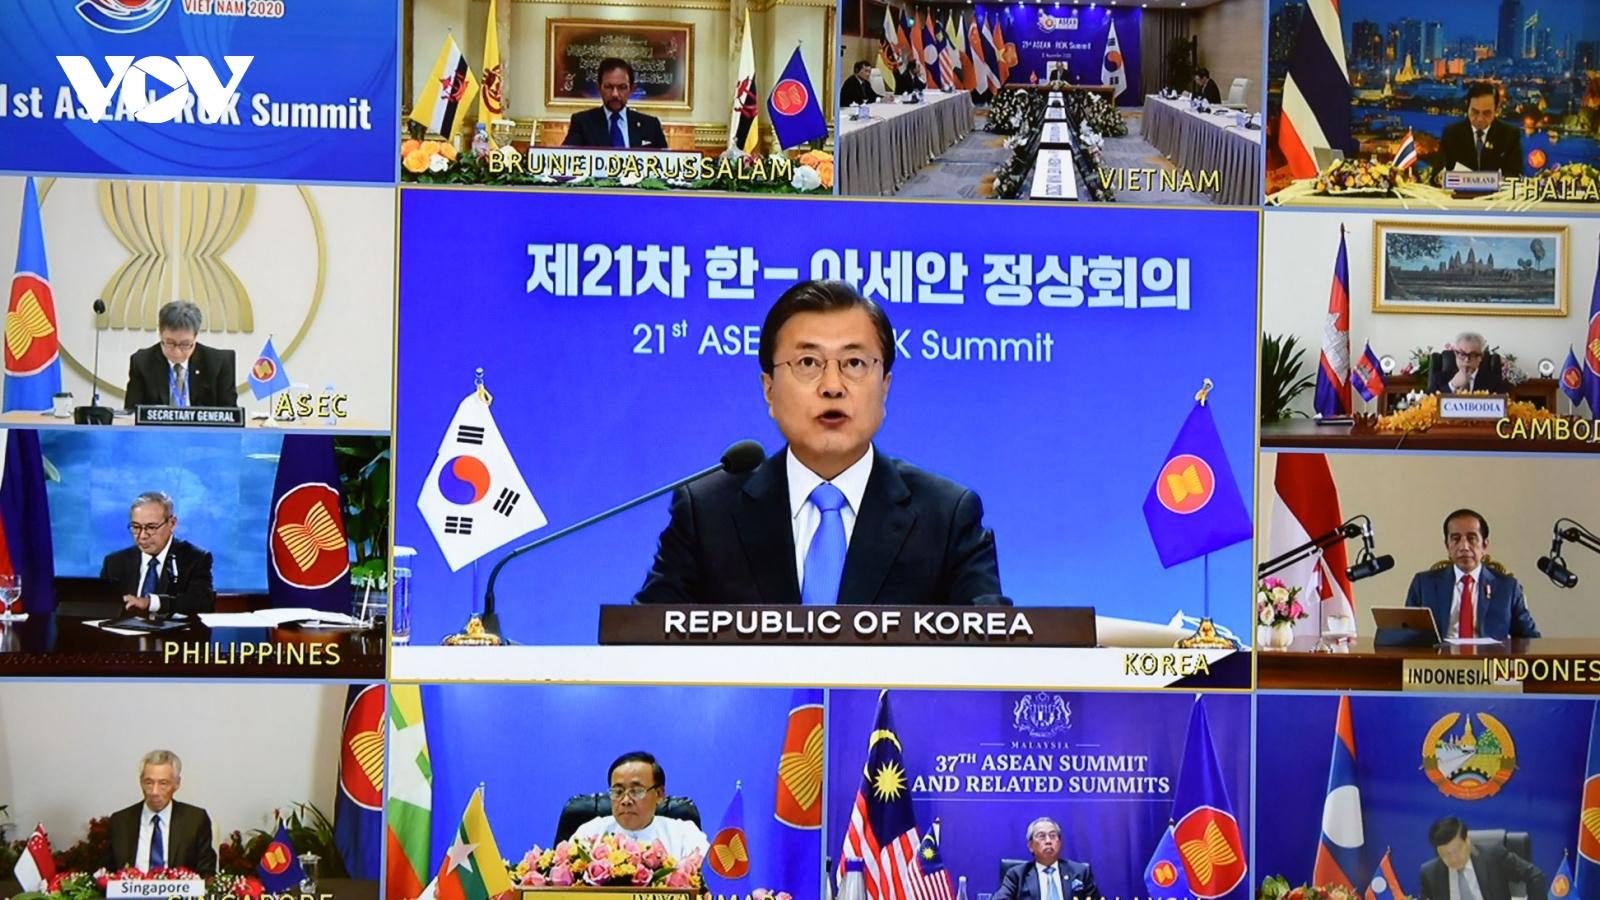 Hàn Quốc muốn cùng ASEAN hưởng thịnh vượng hậu Covid-19